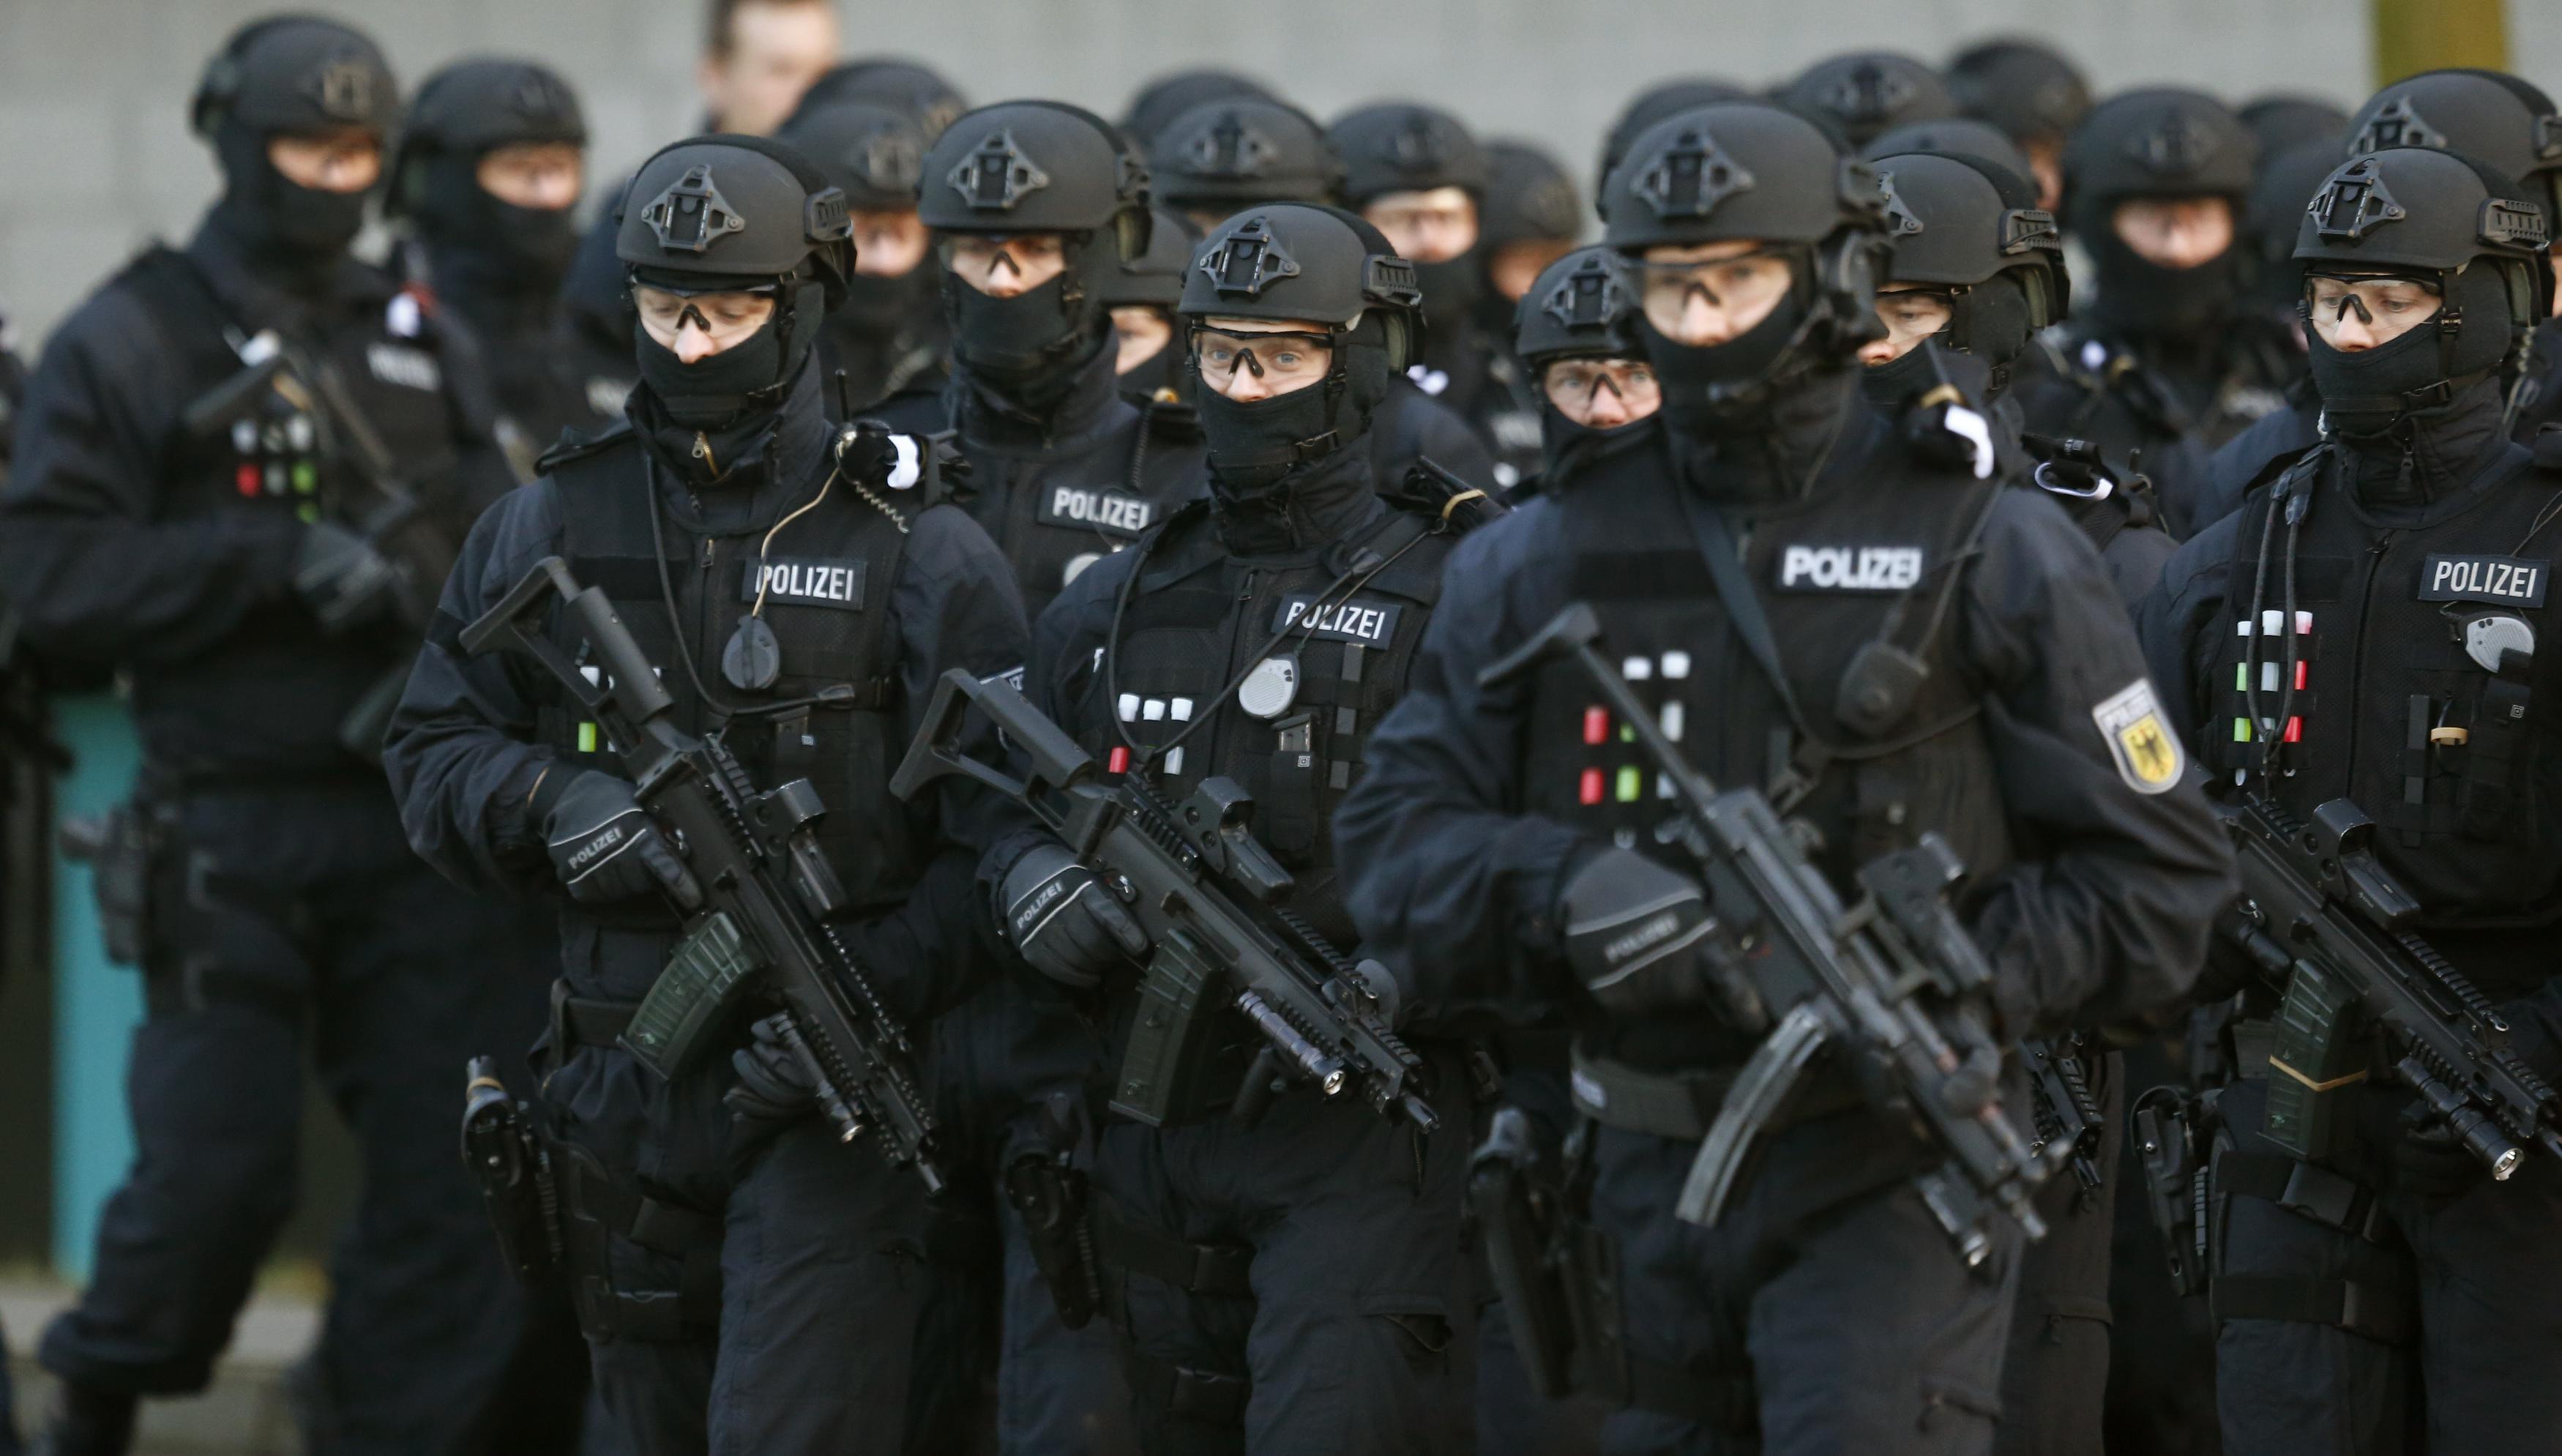 Γερμανία: Ενισχύεται η αστυνομικής παρουσία στους δημόσιους χώρους